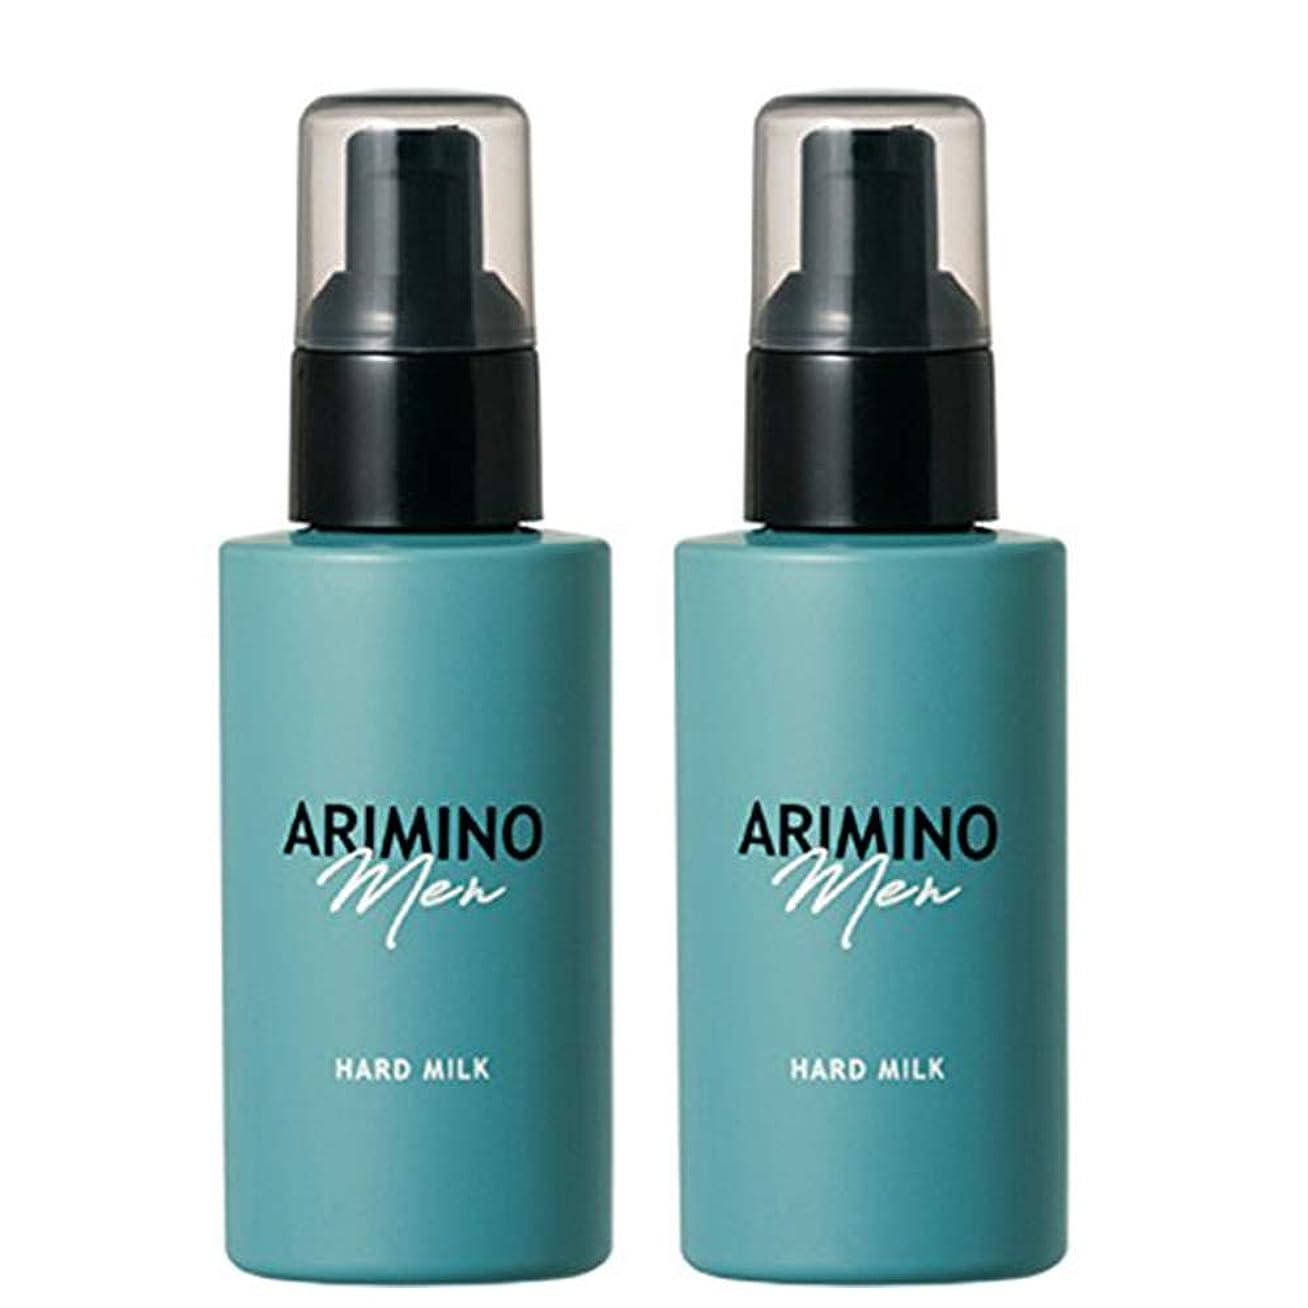 根拠差投げ捨てるアリミノ メン ハード ミルク 100g ×2個 セット arimino men